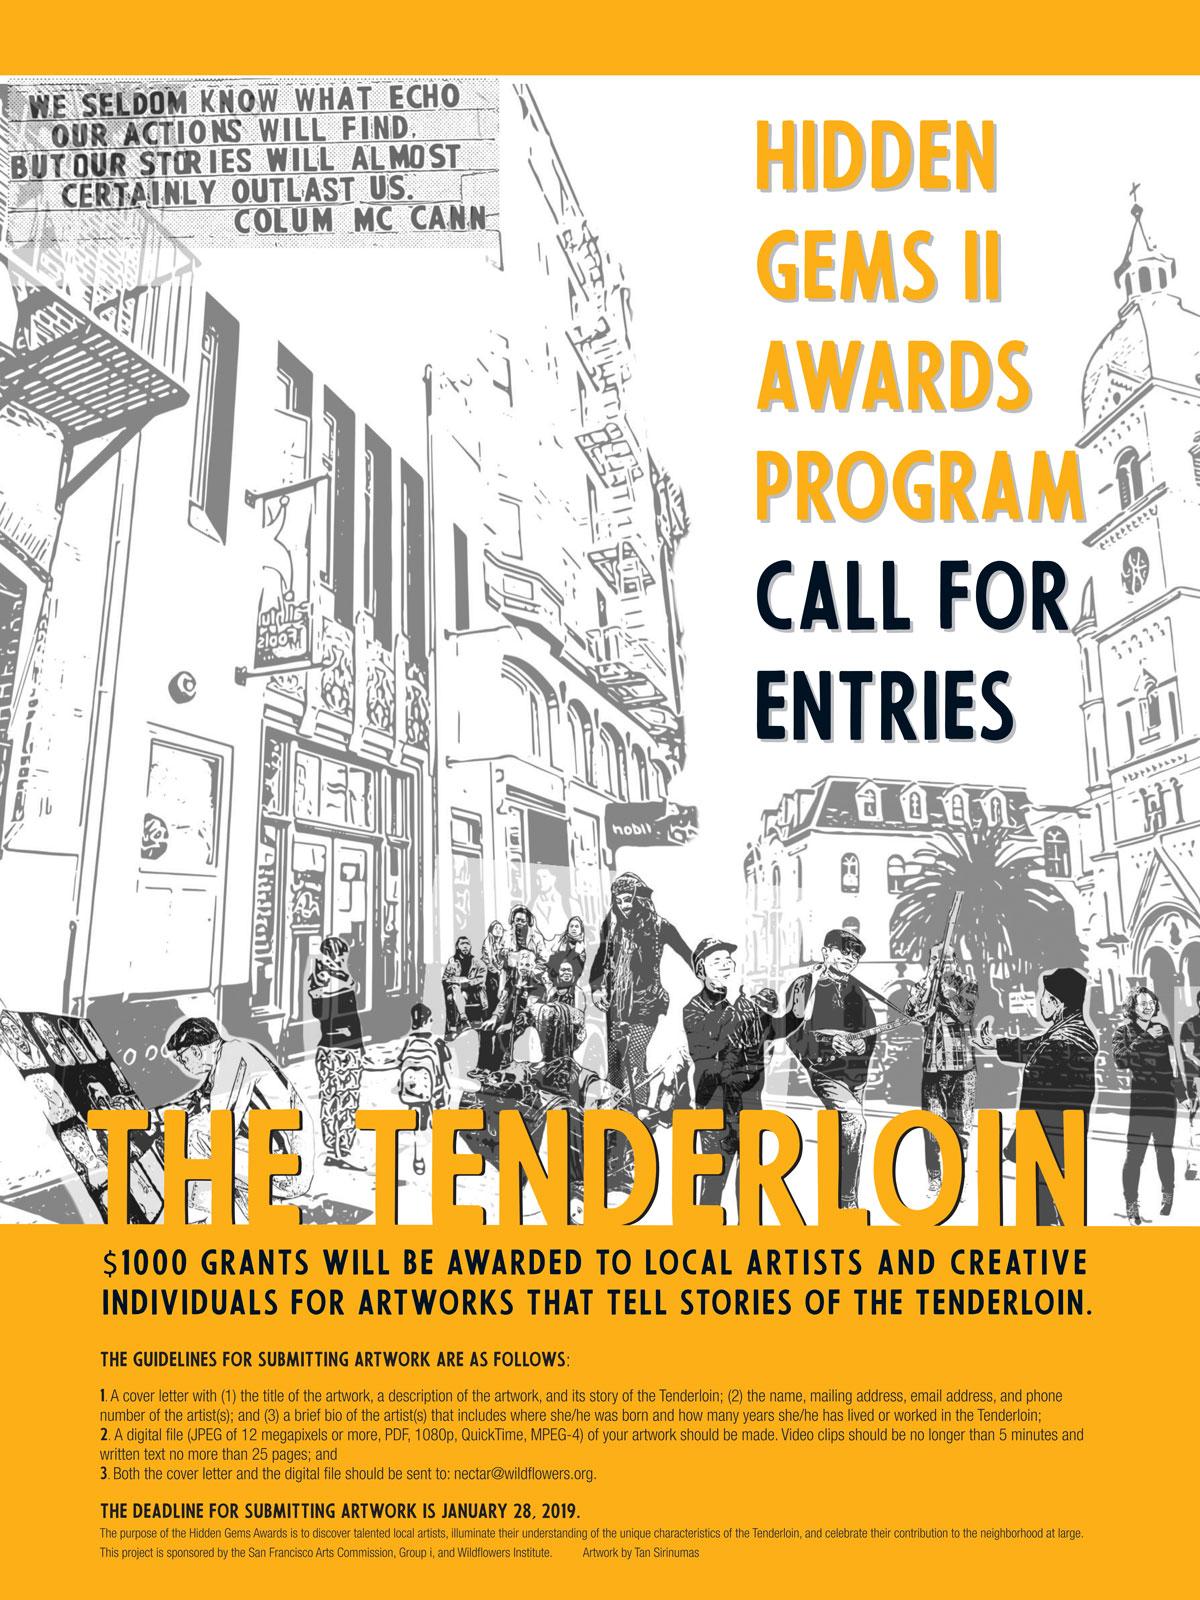 HIdden-Gems-II-Poster.jpg